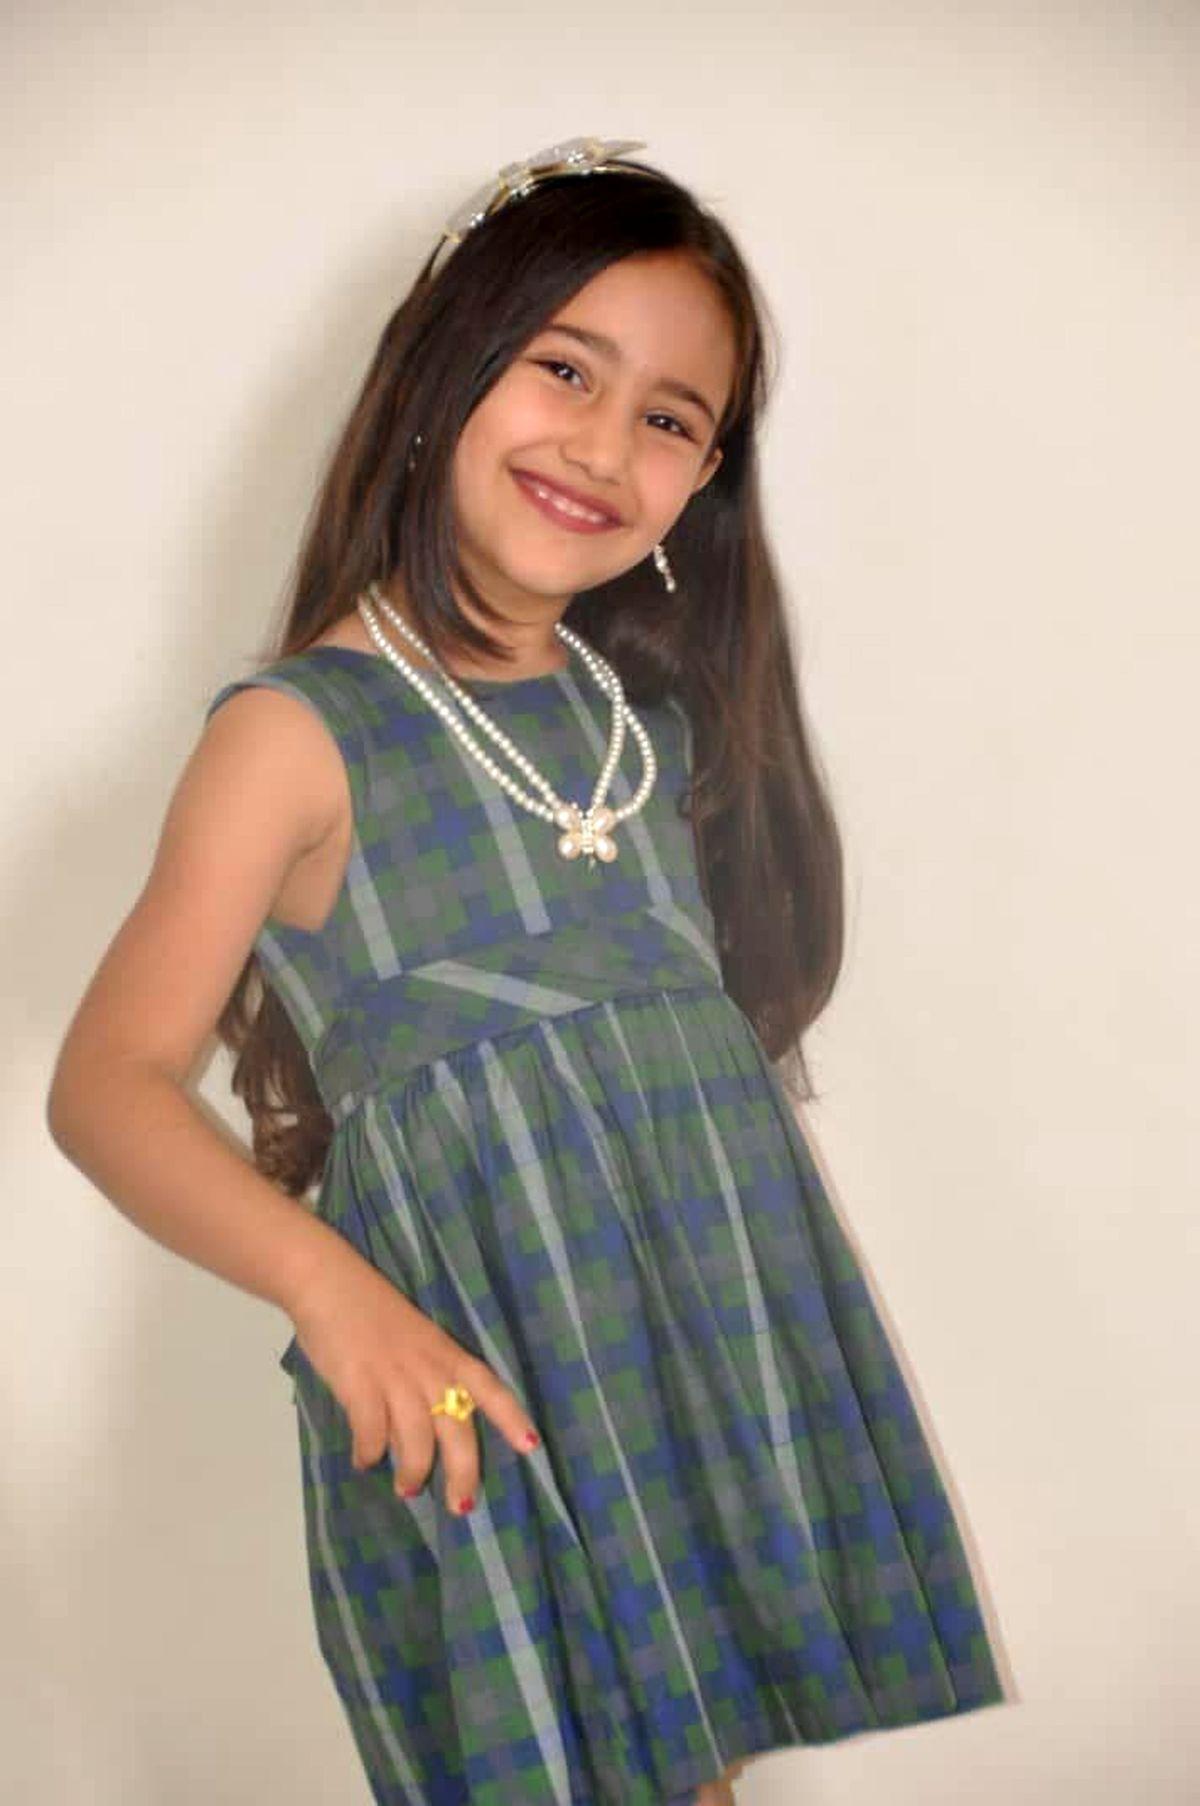 زنده به گور کردن دختر 8 ساله در خوزستان + عکس